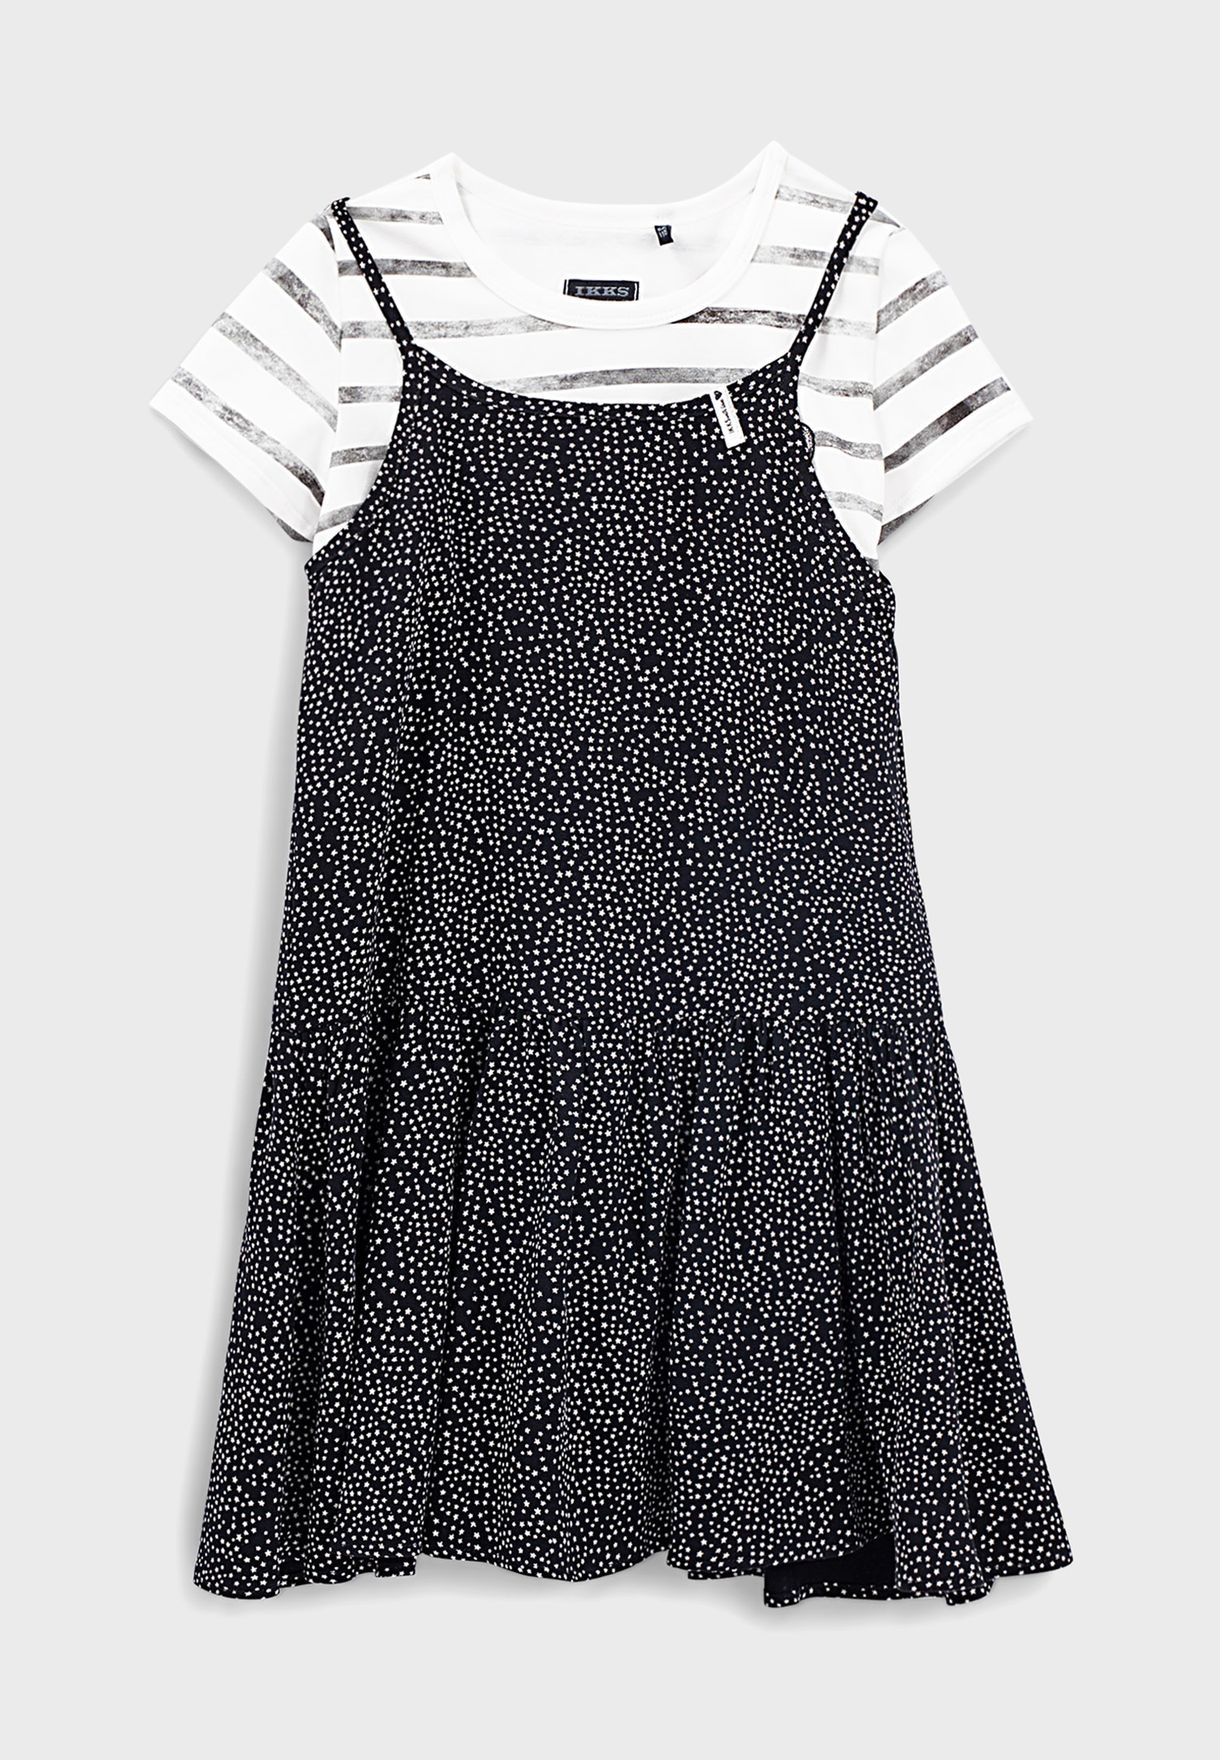 فستان كسرات وتيشيرت للاطفال